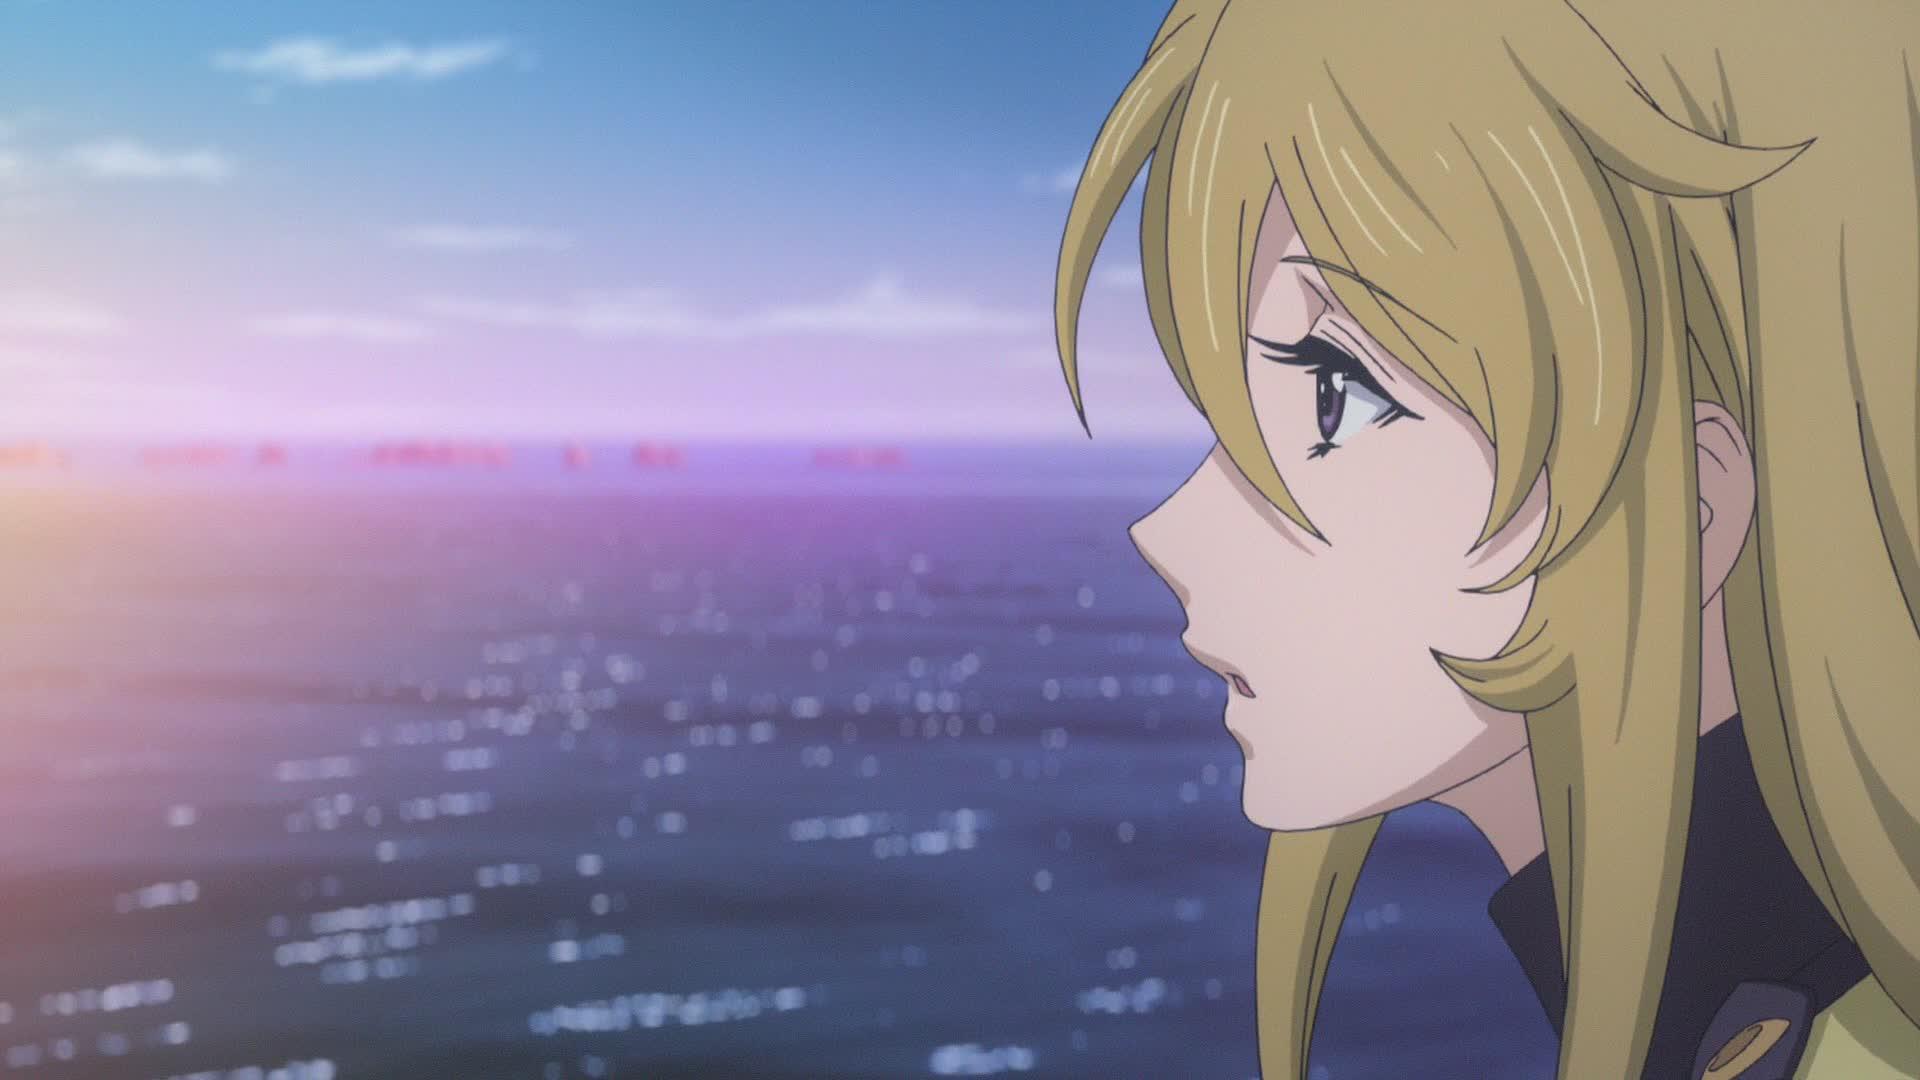 デスクトップ壁紙 Mori Yuki 宇宙戦艦ヤマト2199 アニメの女の子